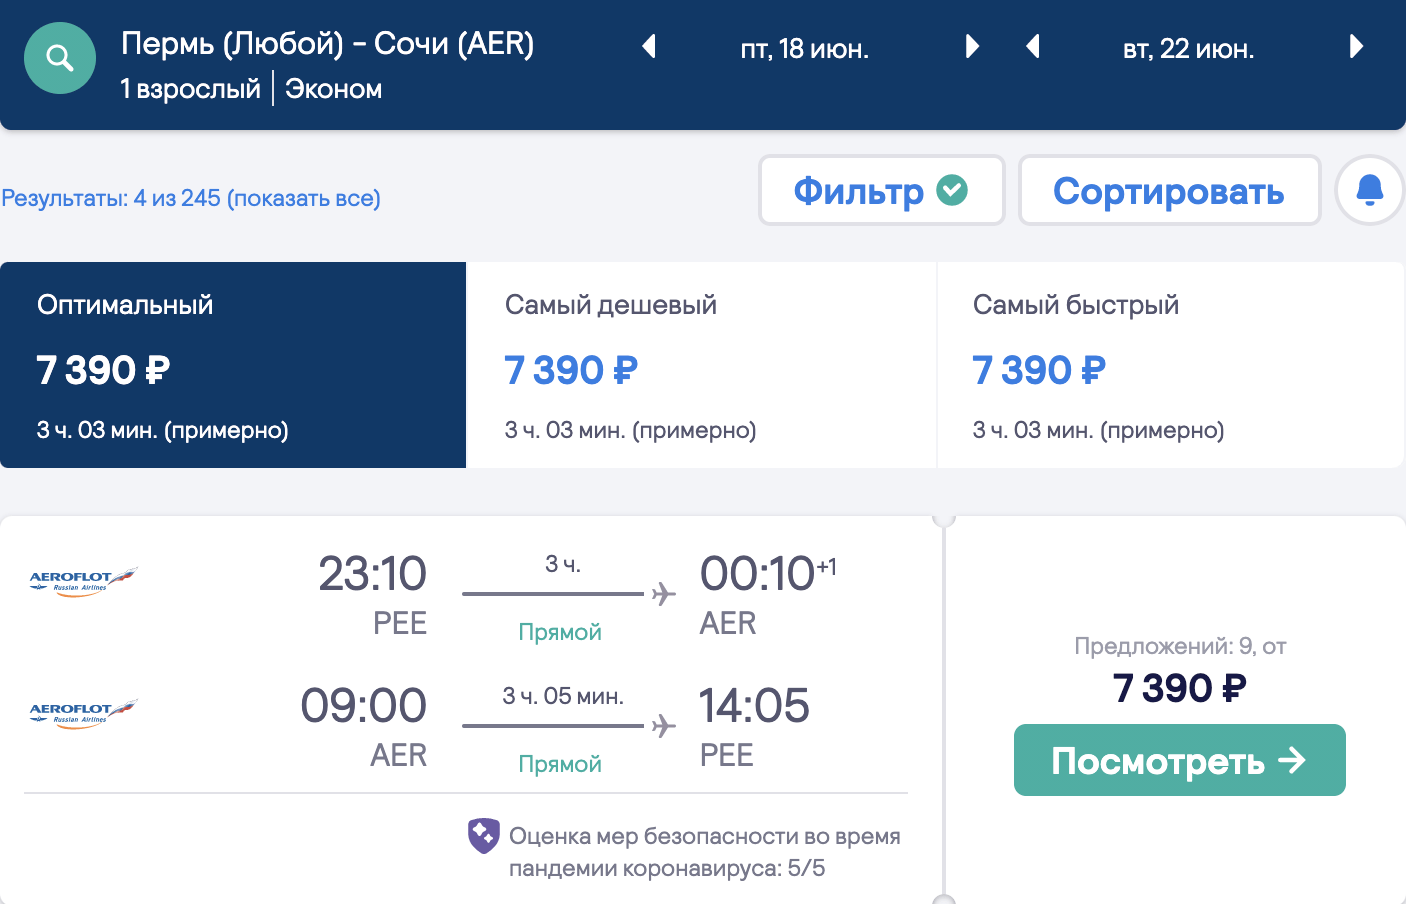 Актуально! Прямые рейсы Аэрофлота из Перми в Сочи и Геленджик от 7400₽ туда-обратно (в июне)